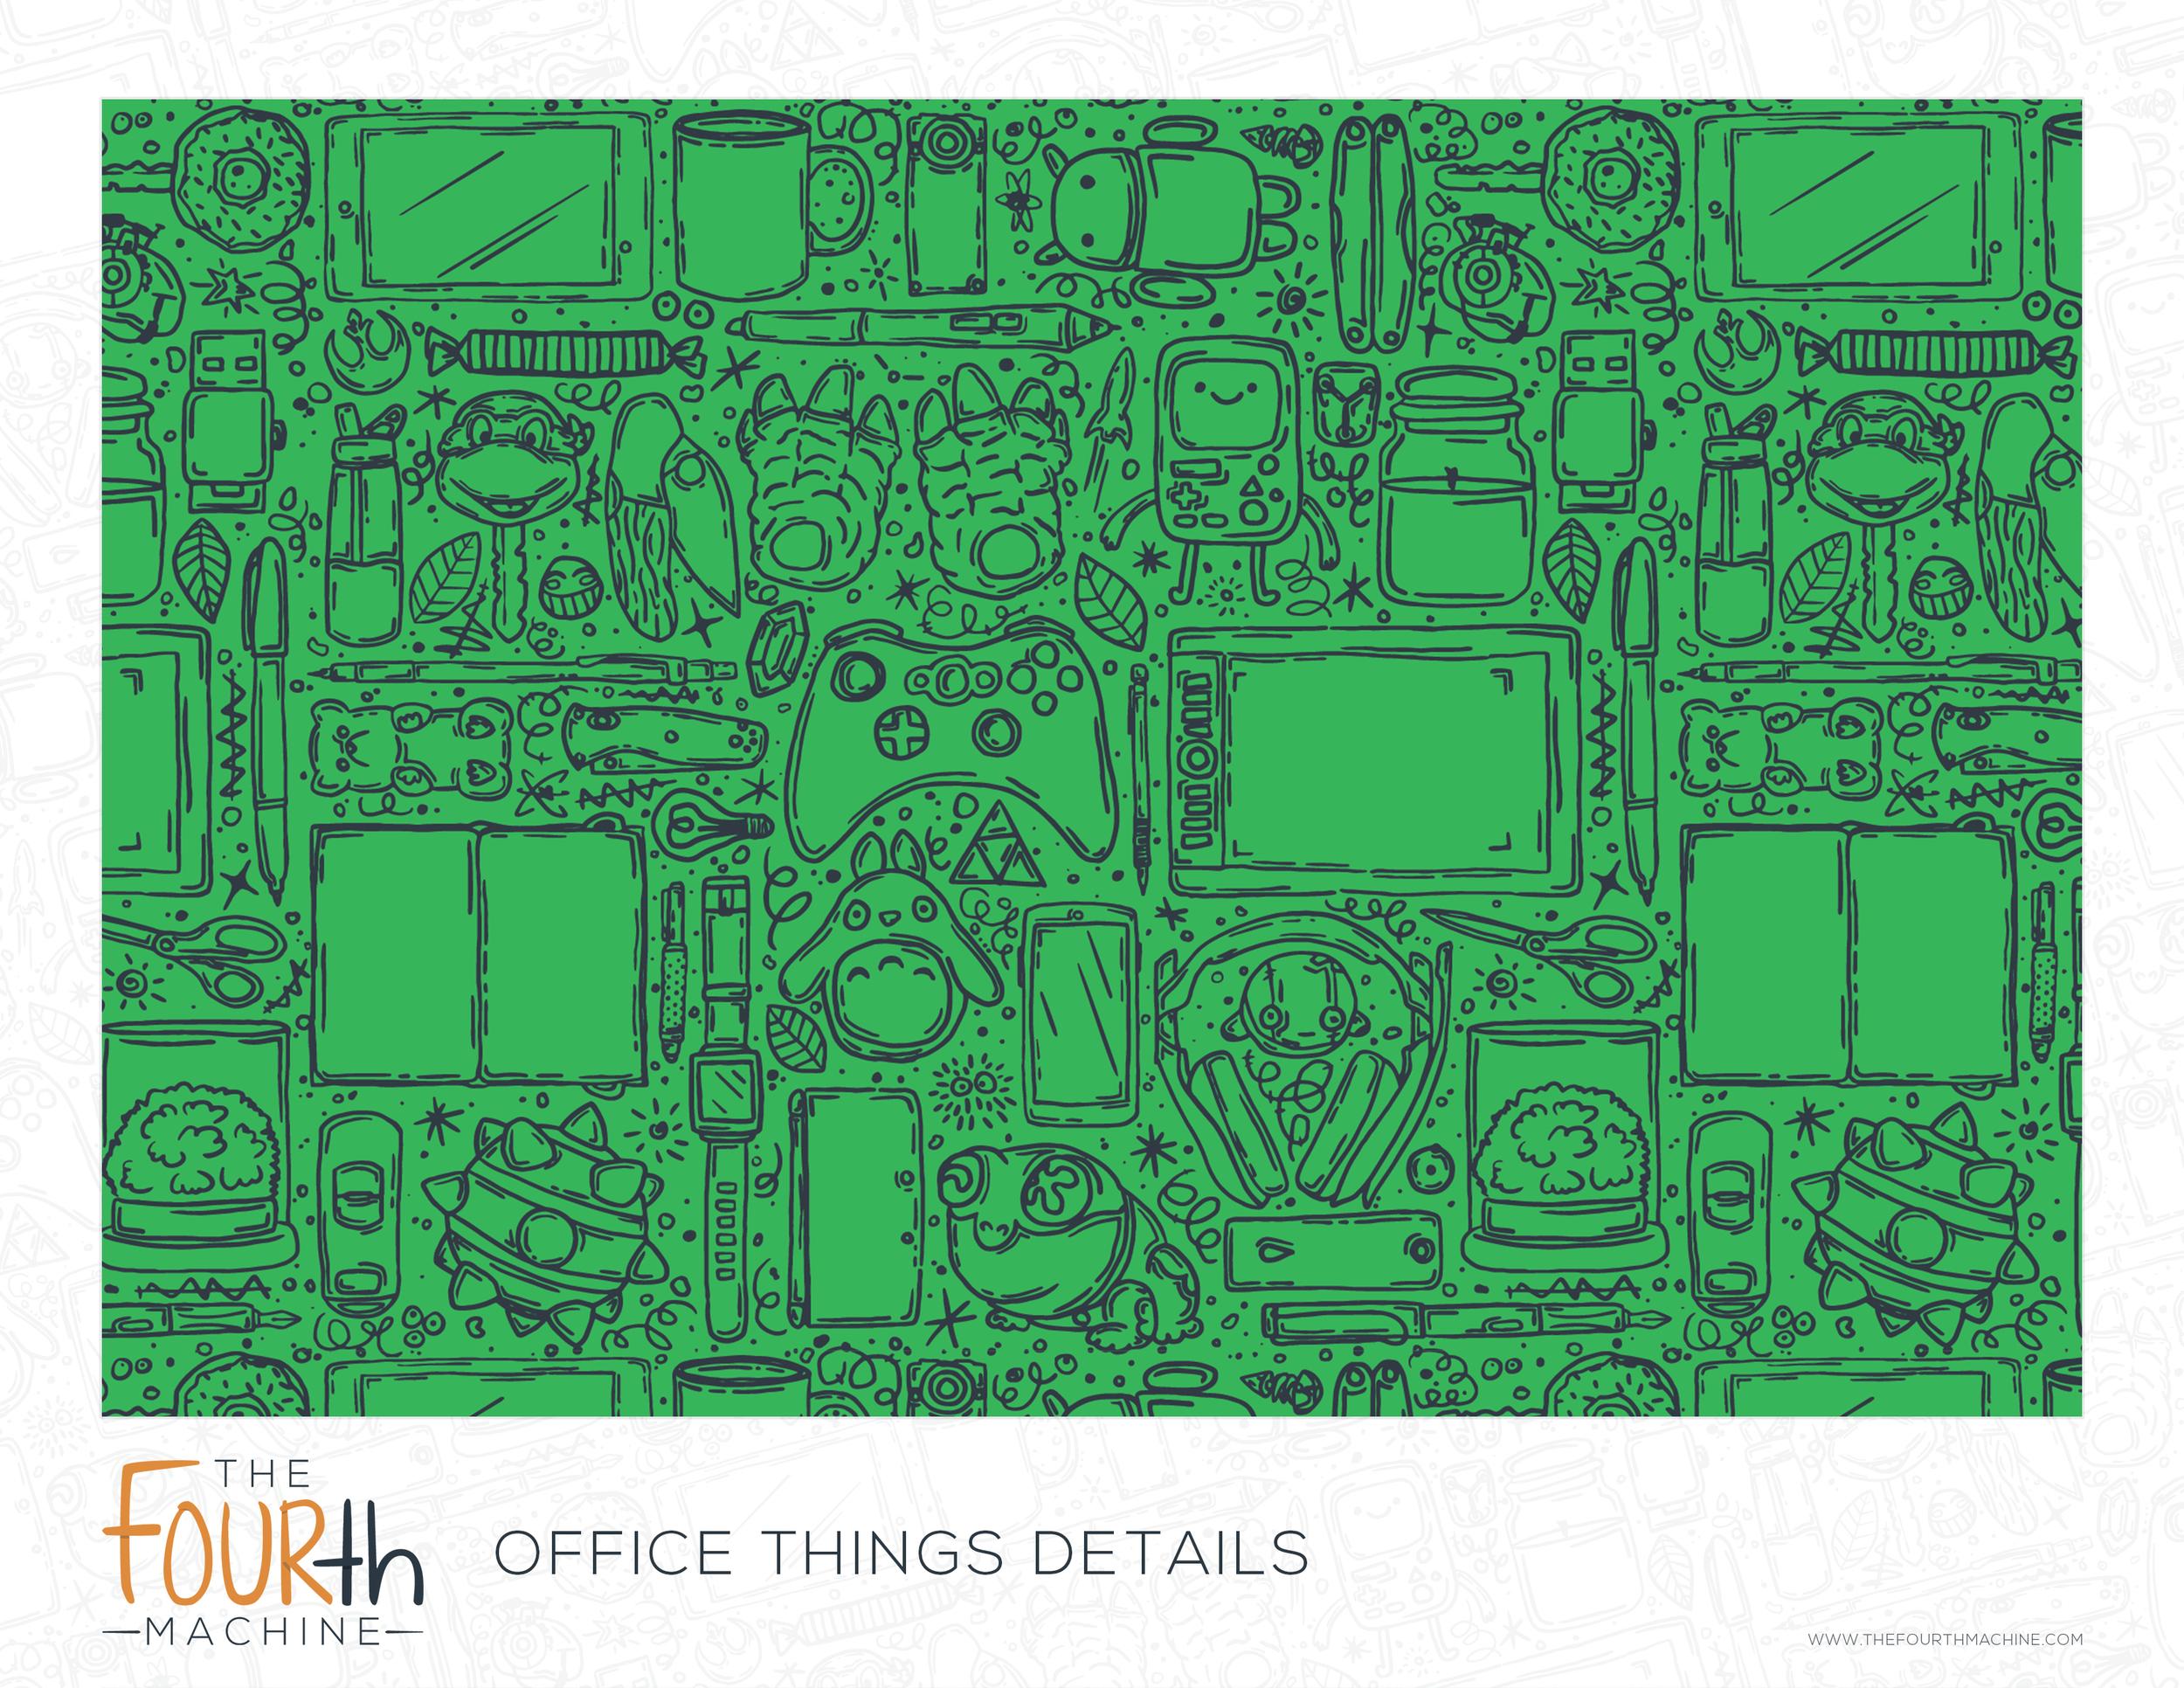 Office Things Details.jpg